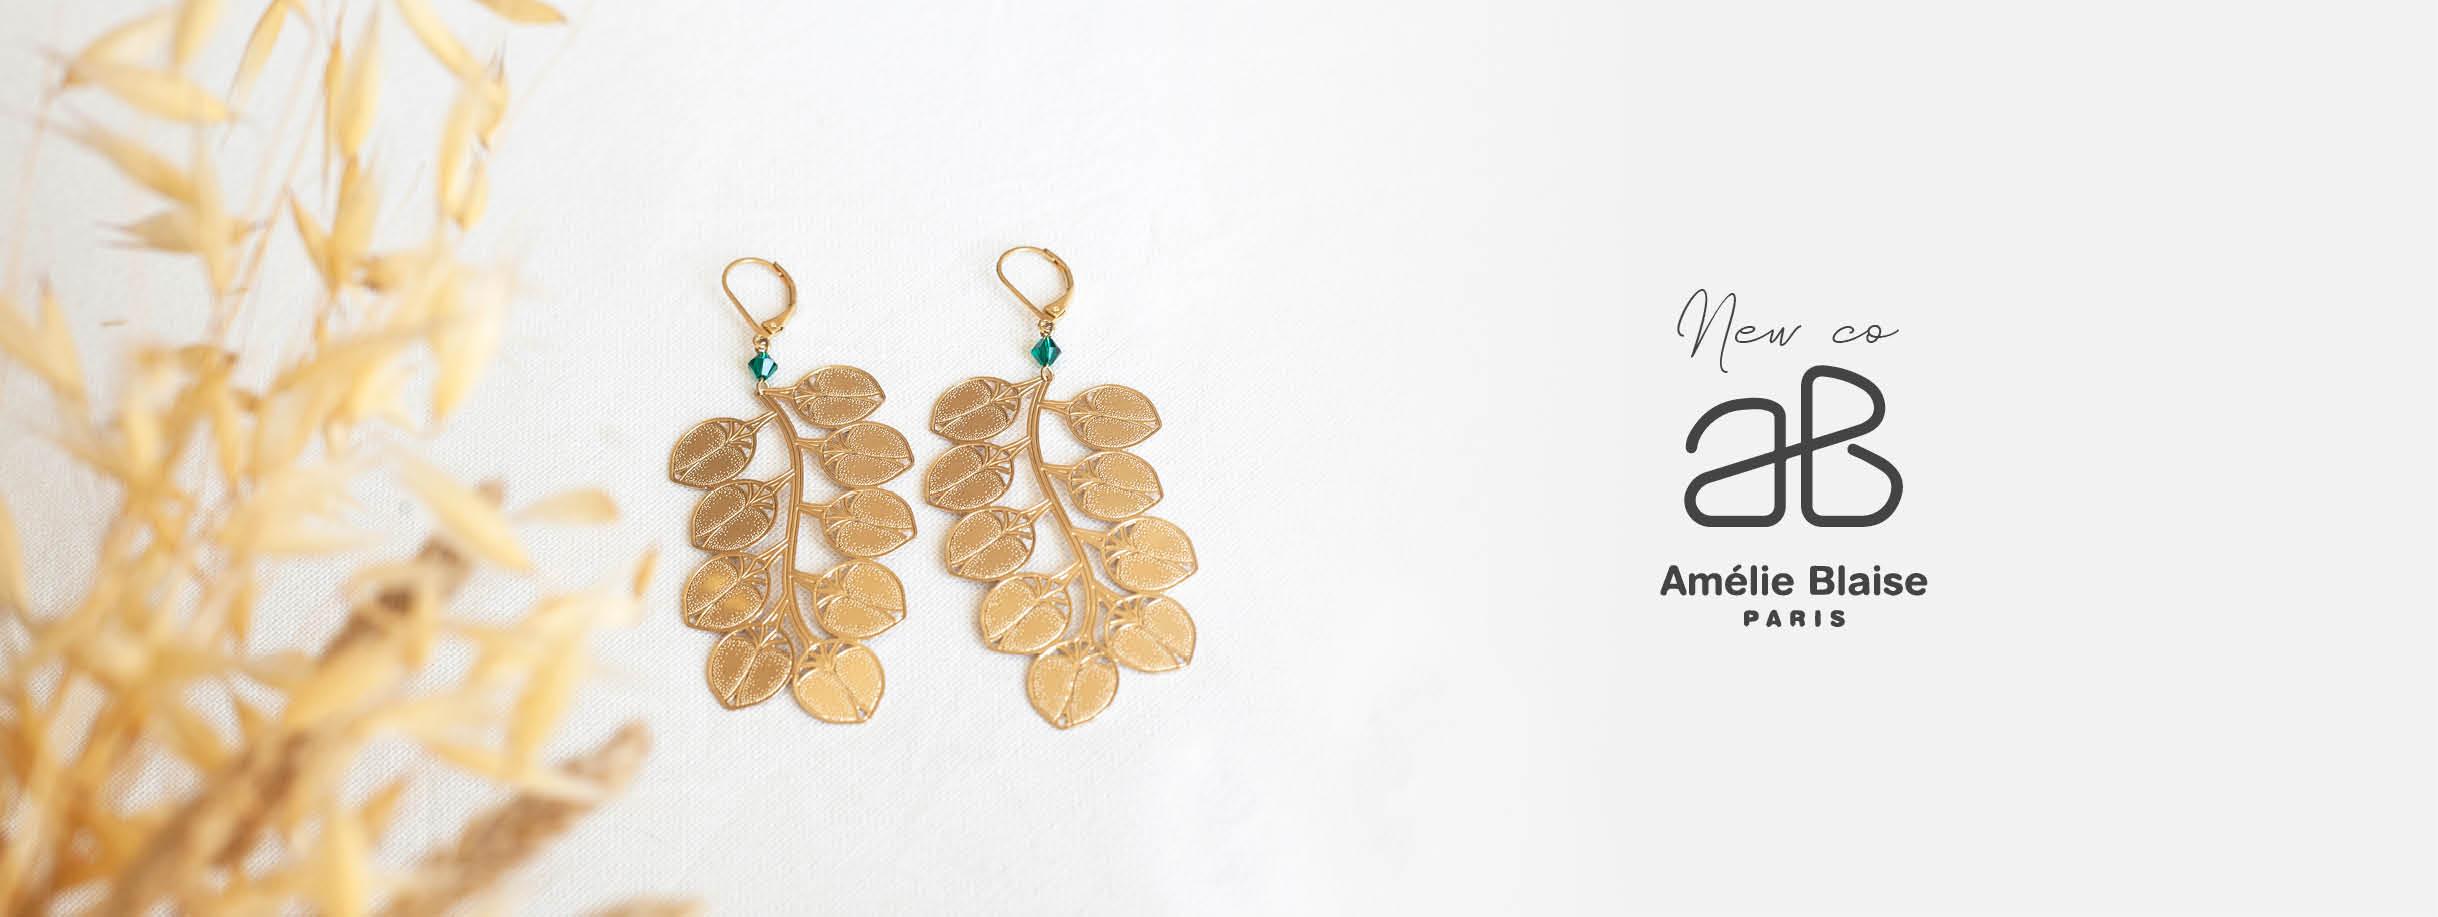 New collection 2020 Amélie Blaise